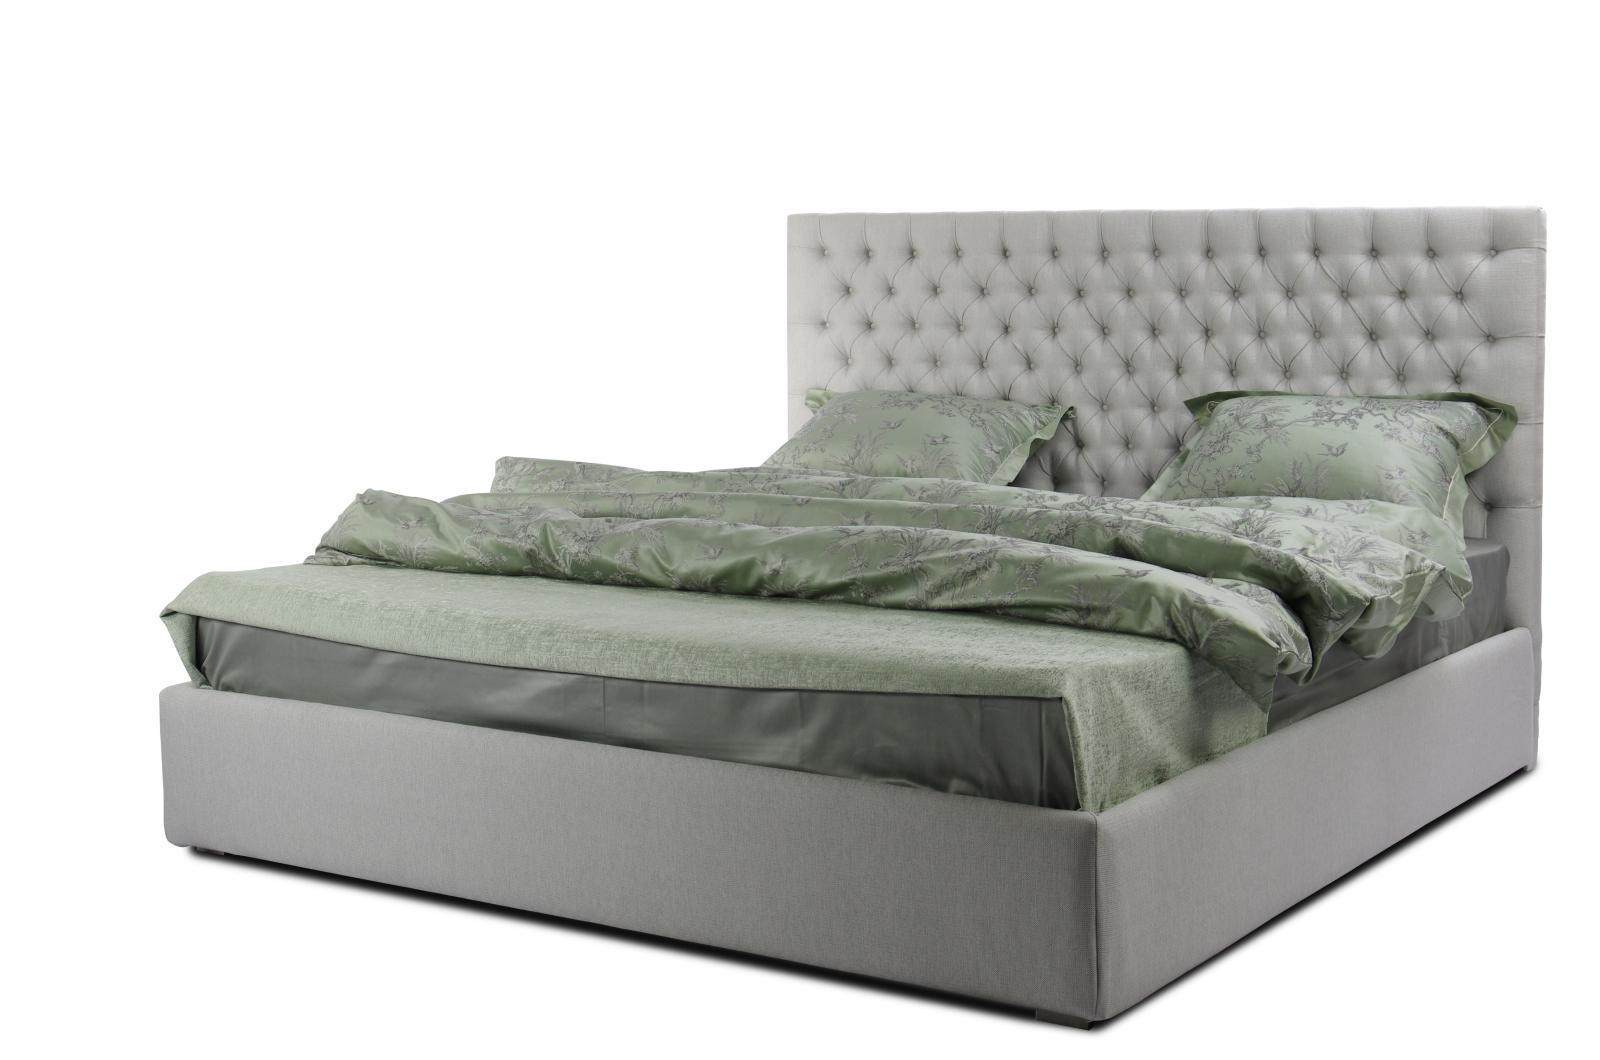 Купить Кровать Alfabed Vision с подъемным механизмом 180х200, inmyroom, Италия